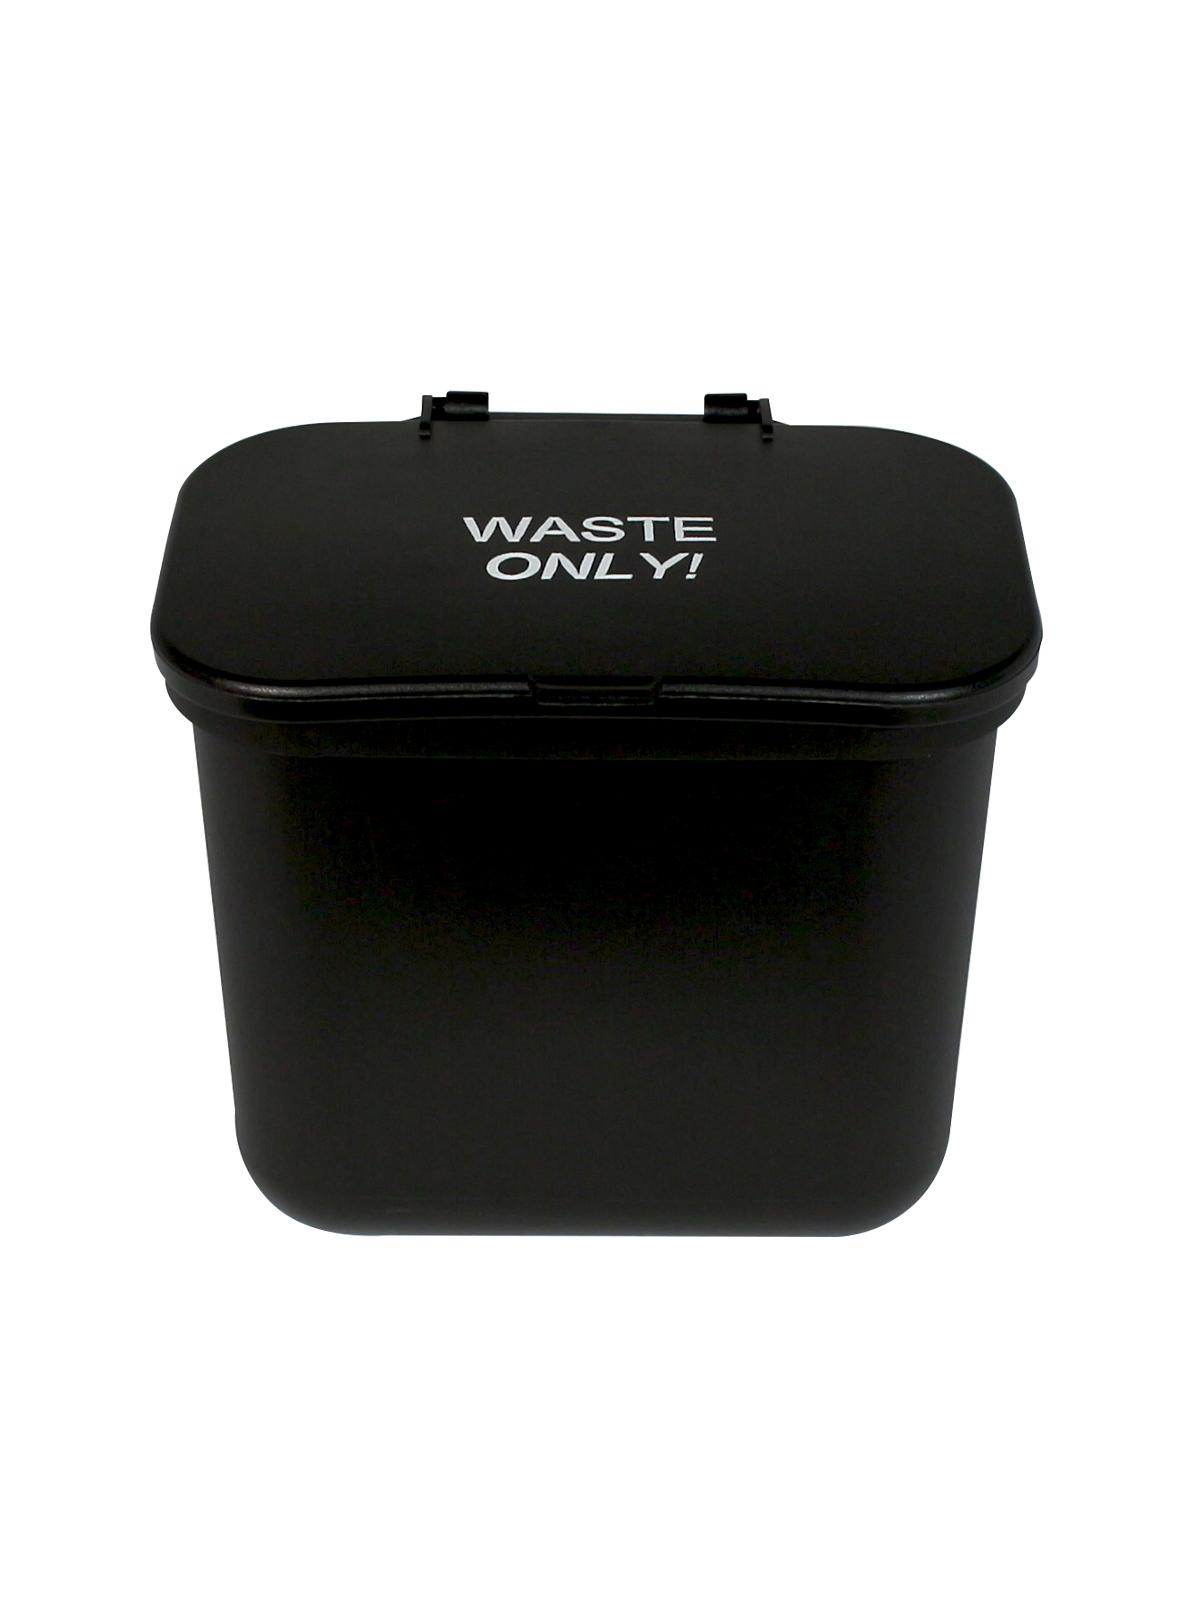 HANGING WASTE BASKET - Single - Waste - Solid Lift - Black